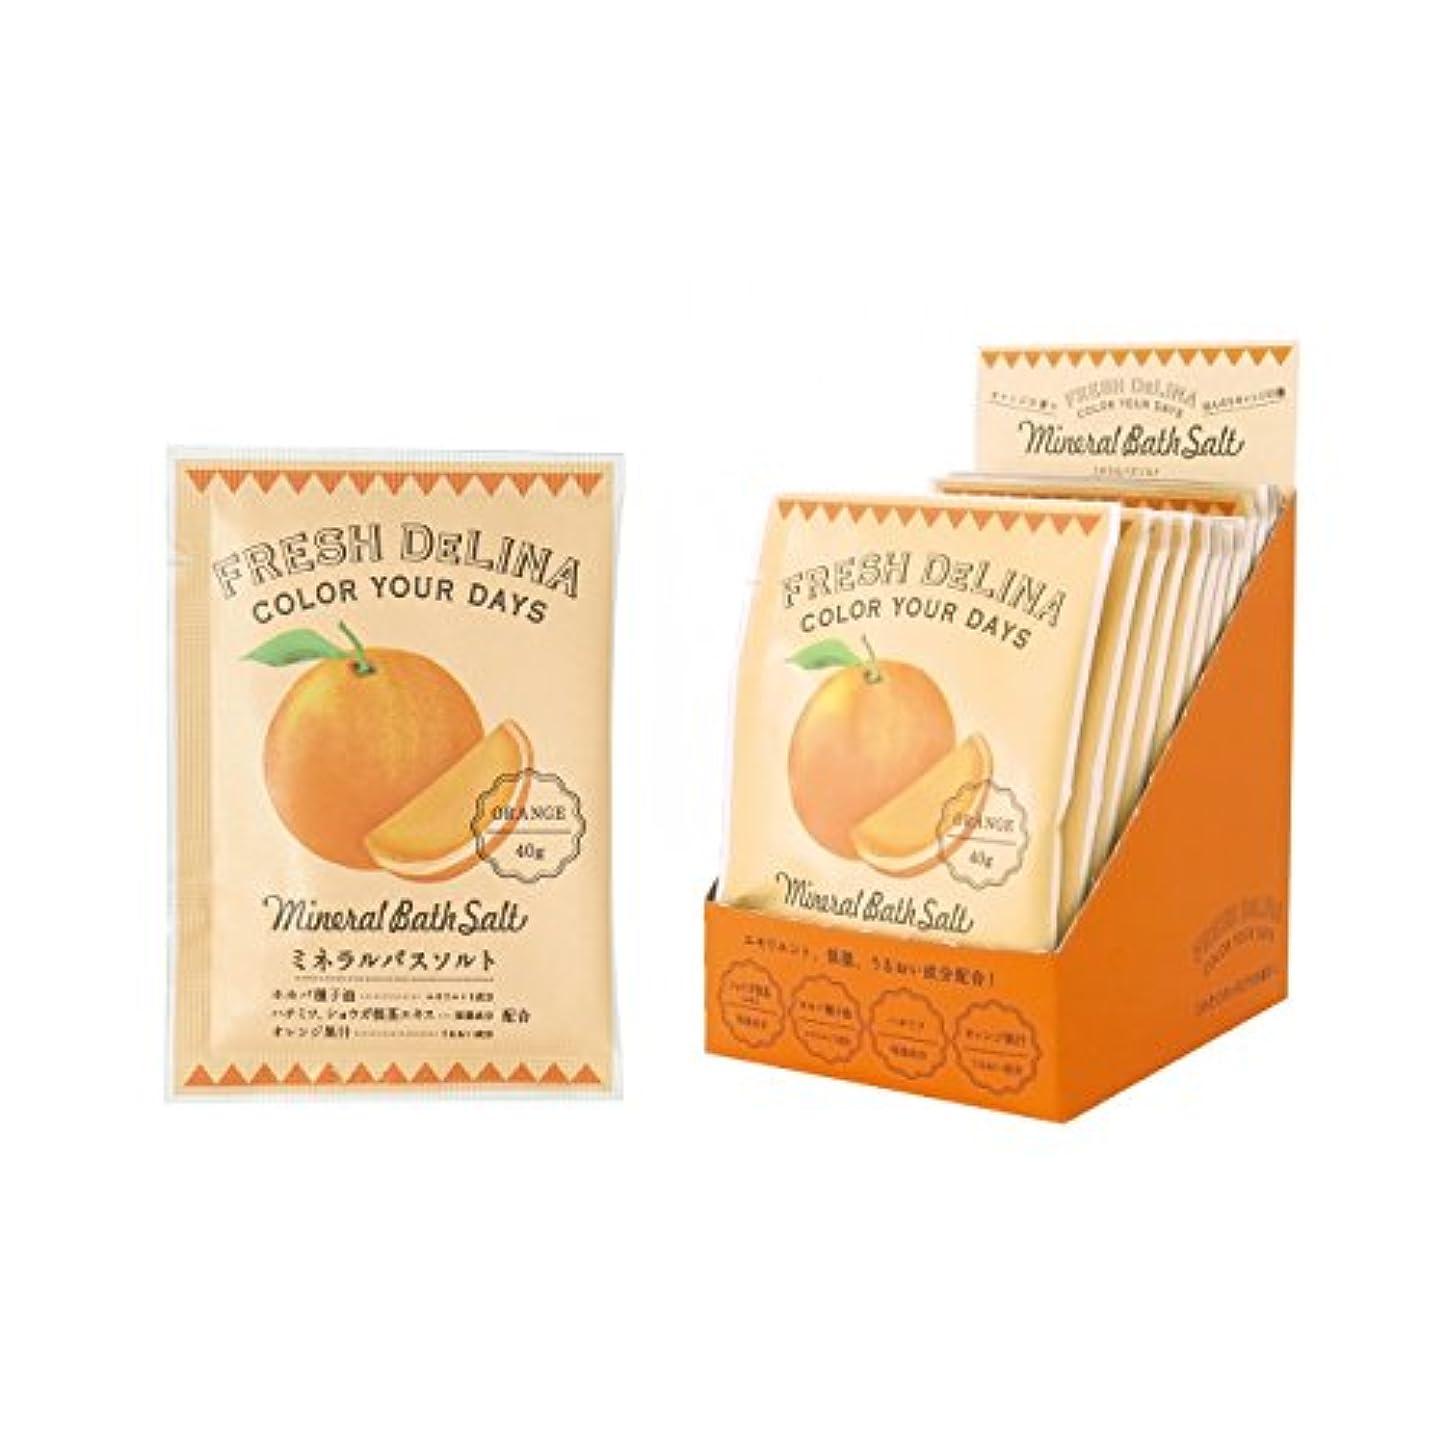 石鹸ウェイタードレインフレッシュデリーナ ミネラルバスソルト40g(オレンジ) 12個 (海塩タイプ入浴料 日本製 フレッシュな柑橘系の香り)